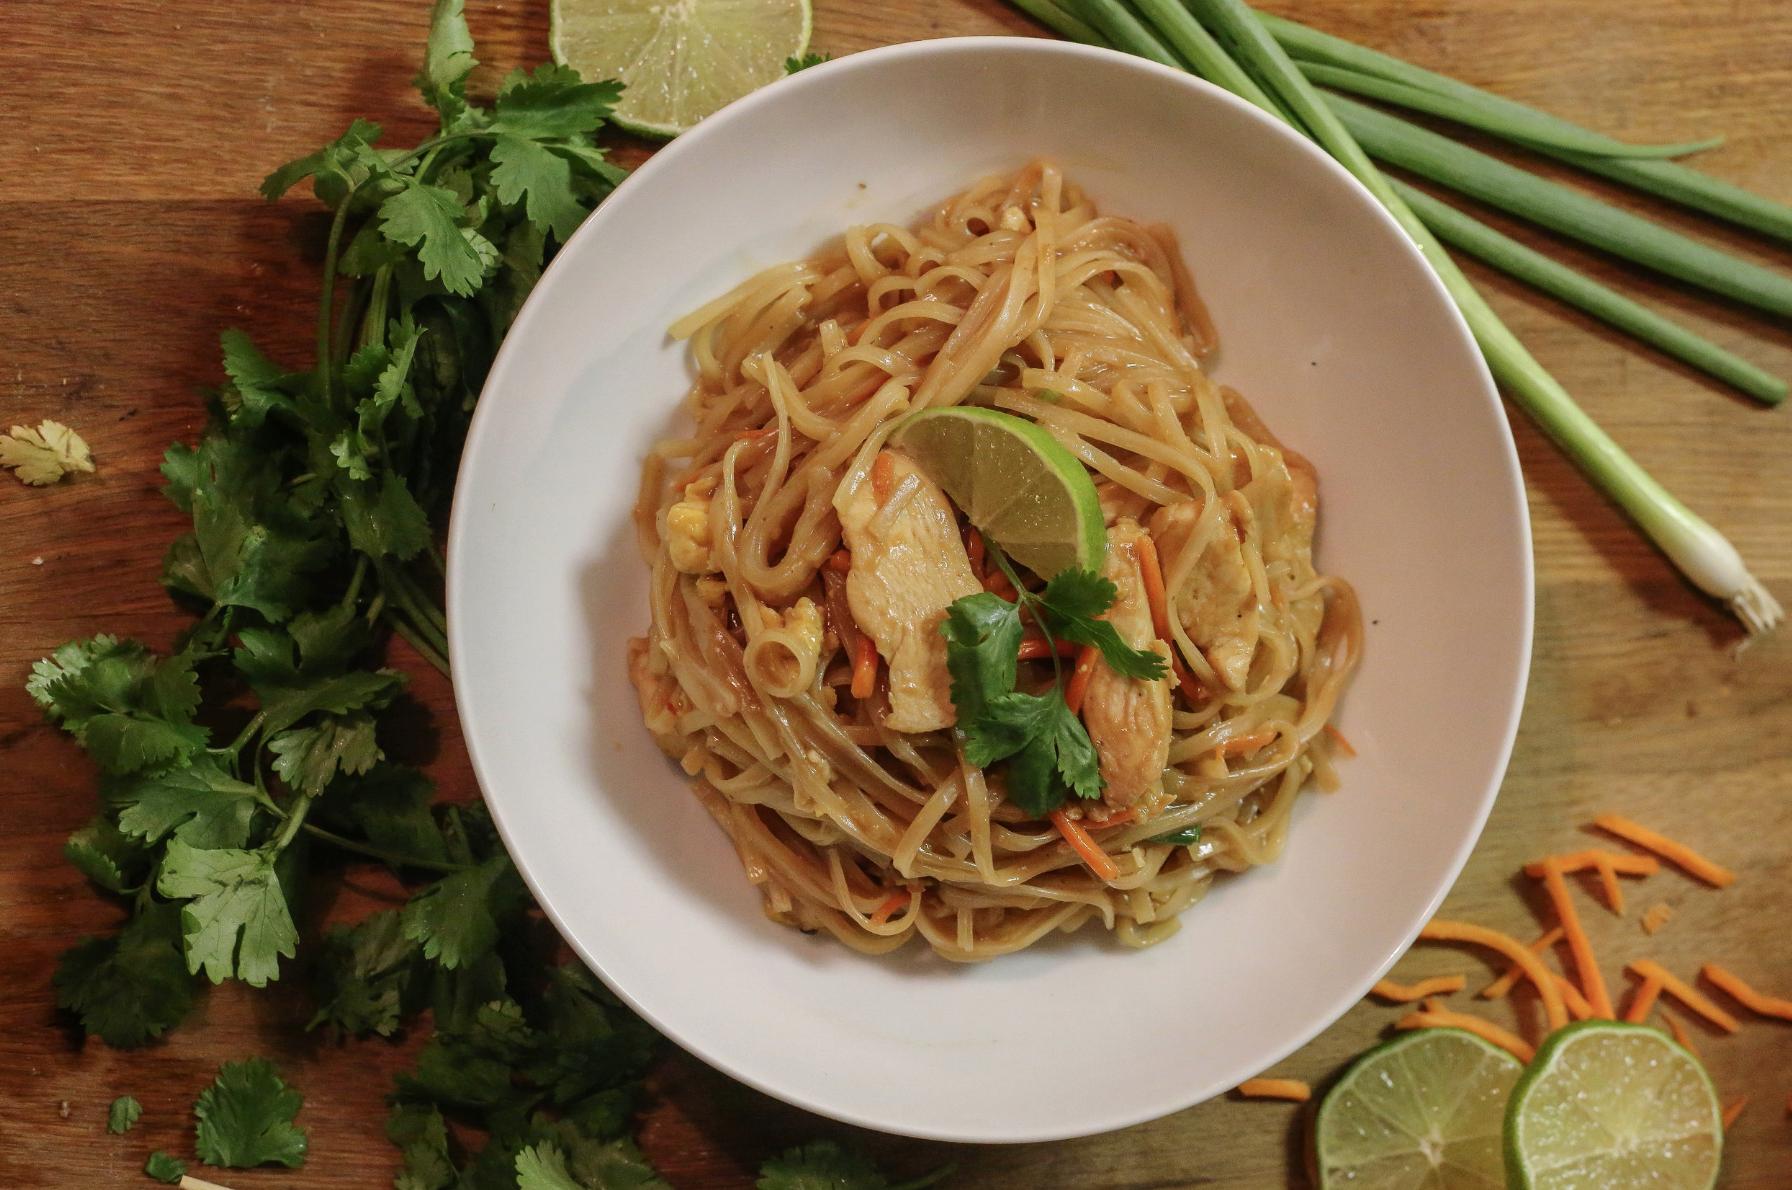 Restaurant Style Chicken pad thai